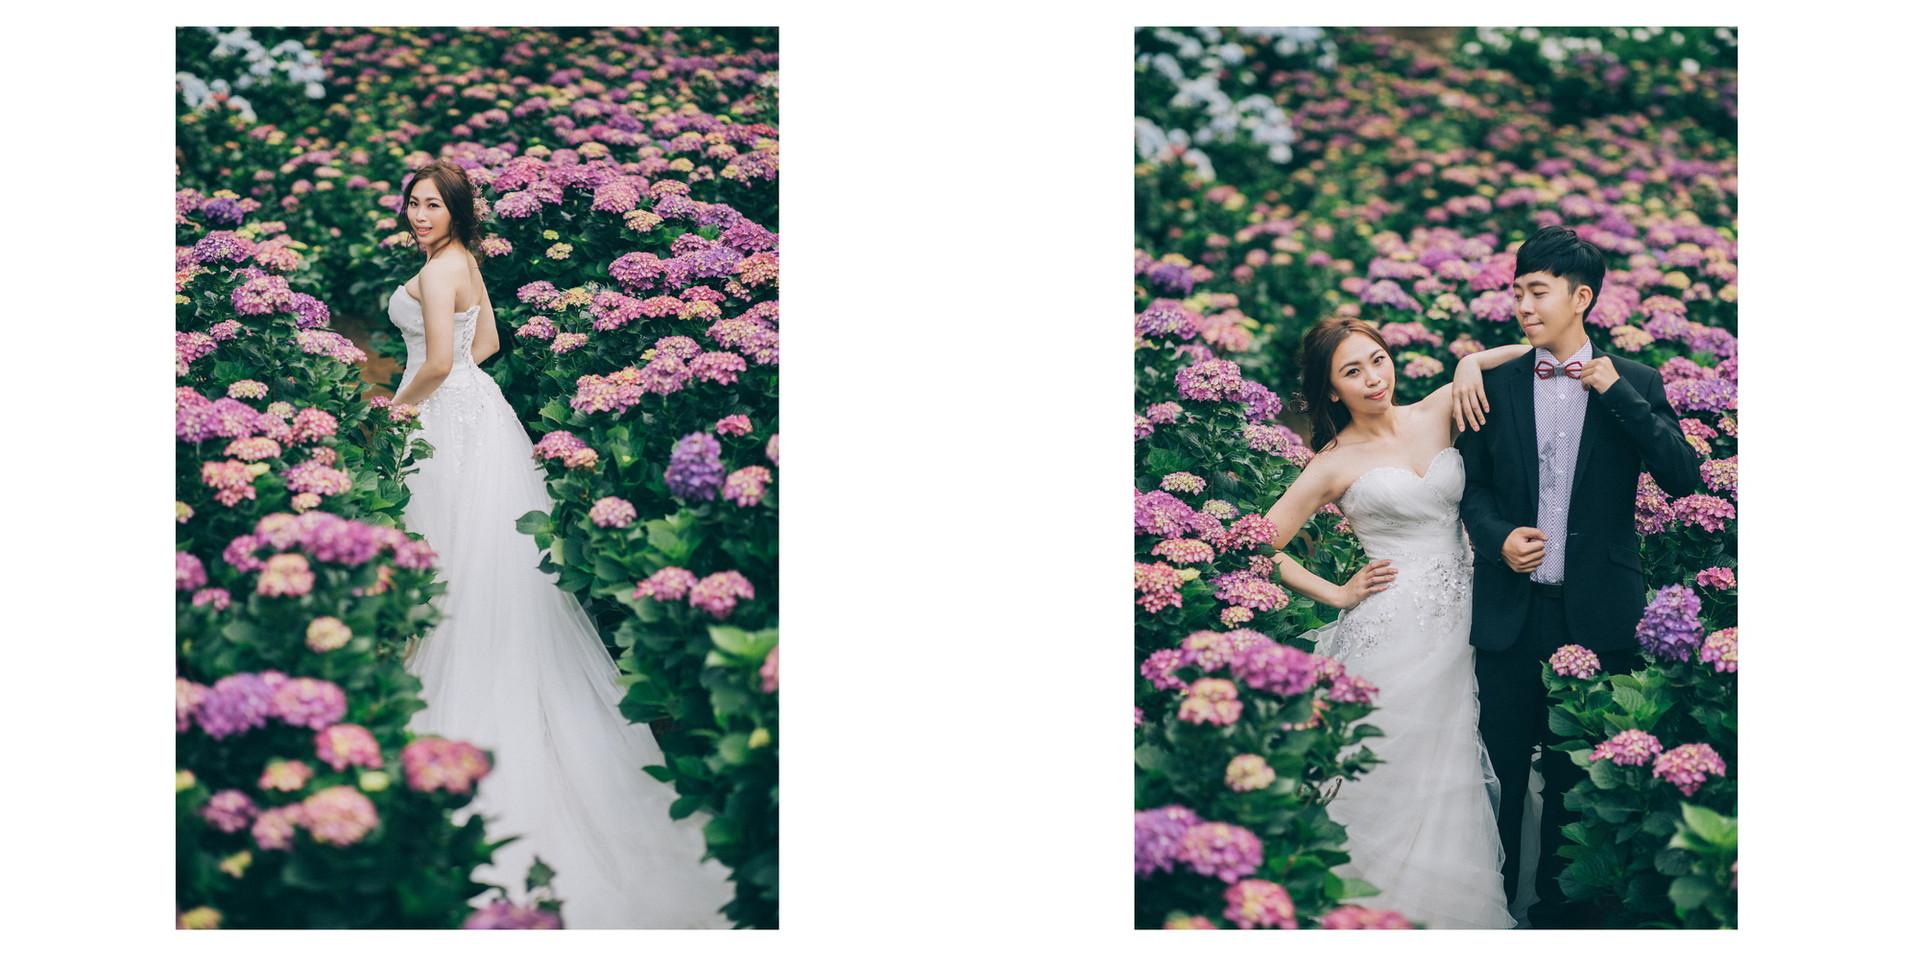 花卉試驗中心 / 高家繡球花園 / 黑森林 / 寵物婚紗 / 自然捲棚拍 / 素人寫真